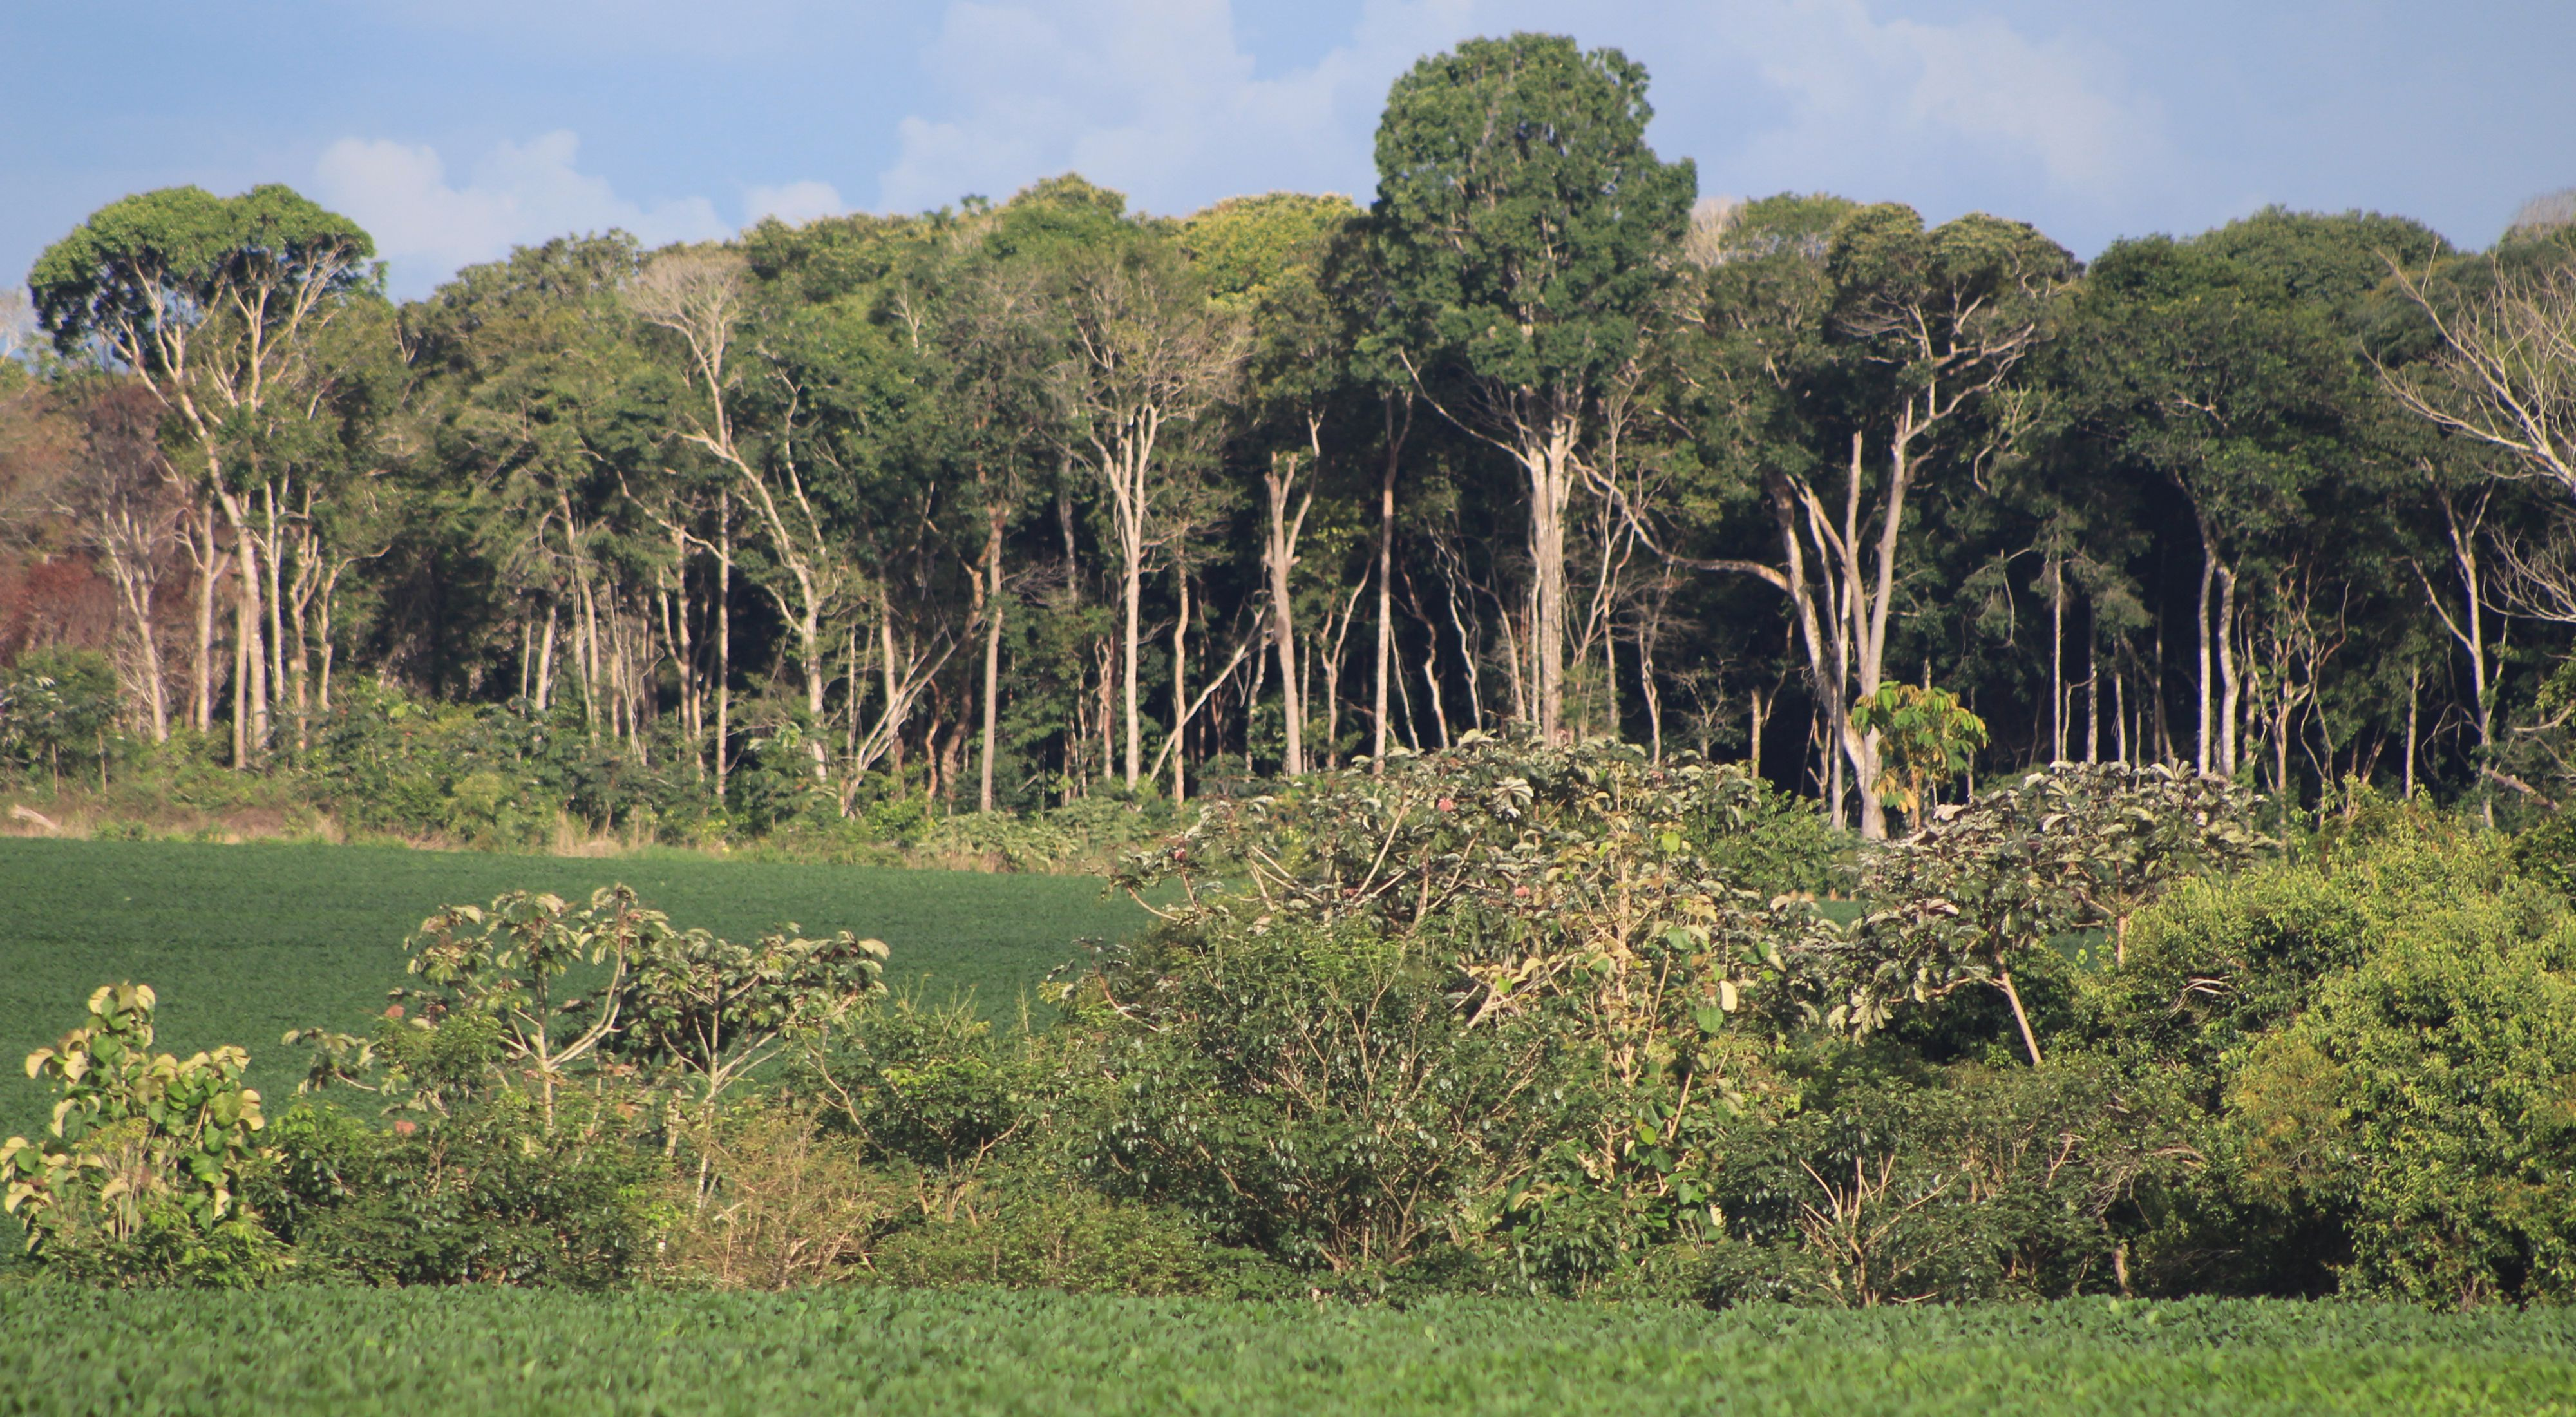 Área de produção de soja em propriedade rural do Mato Grosso, com vegetação nativa conservada ao fundo.